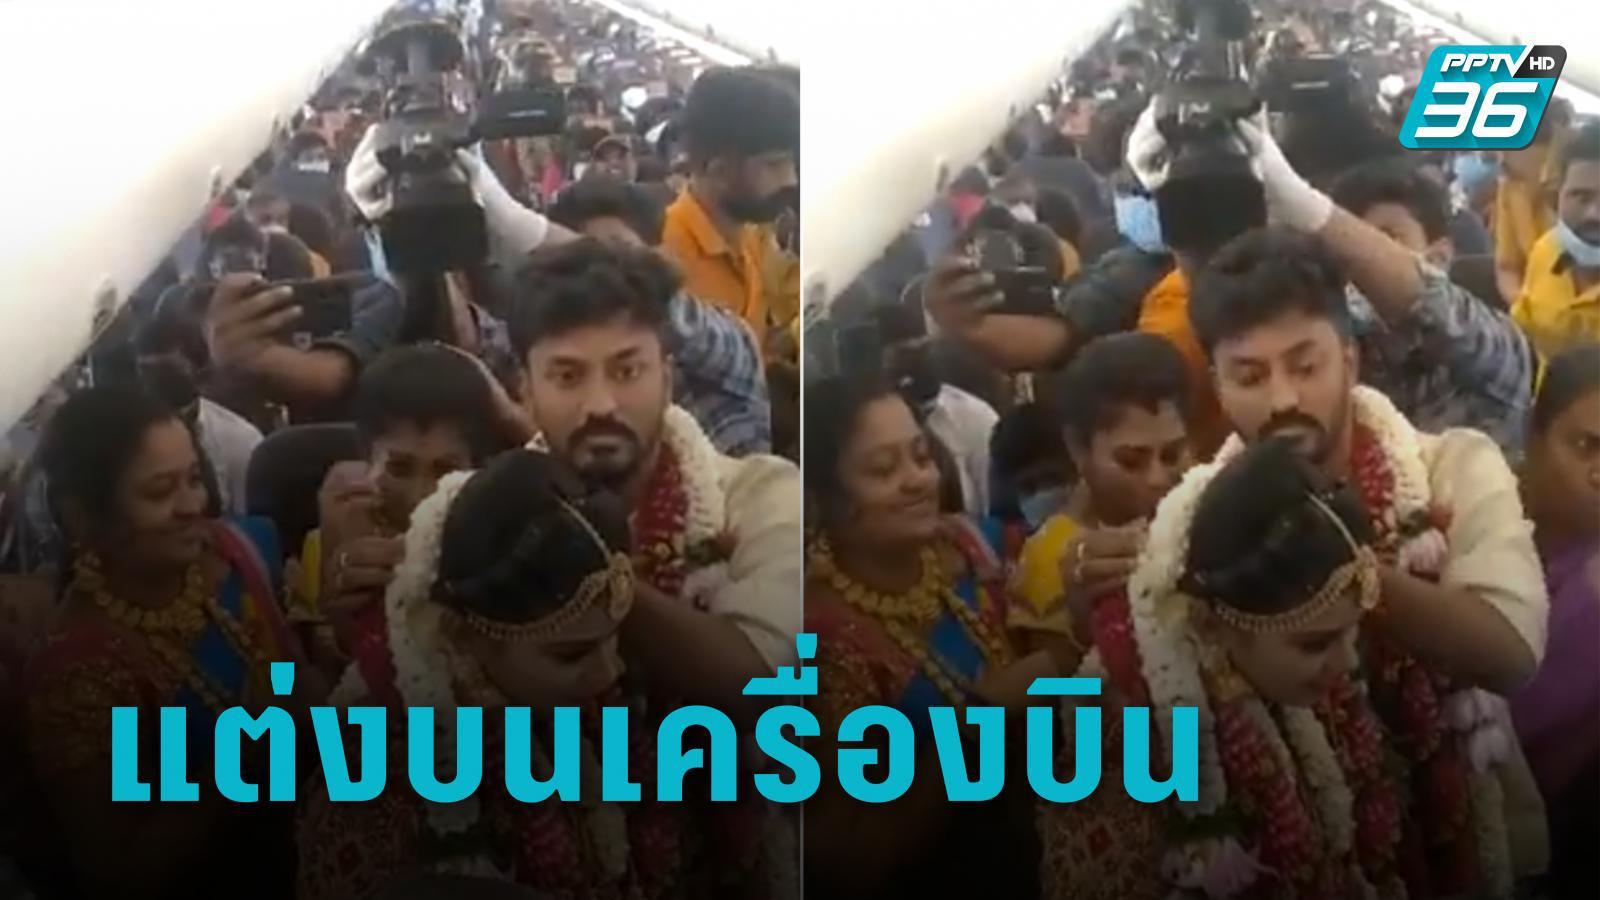 อินเดีย สั่งสอบ คู่รักแต่งงานบนเครื่องบินเช่าเหมาลำ เลี่ยงมาตรการคุมโควิด